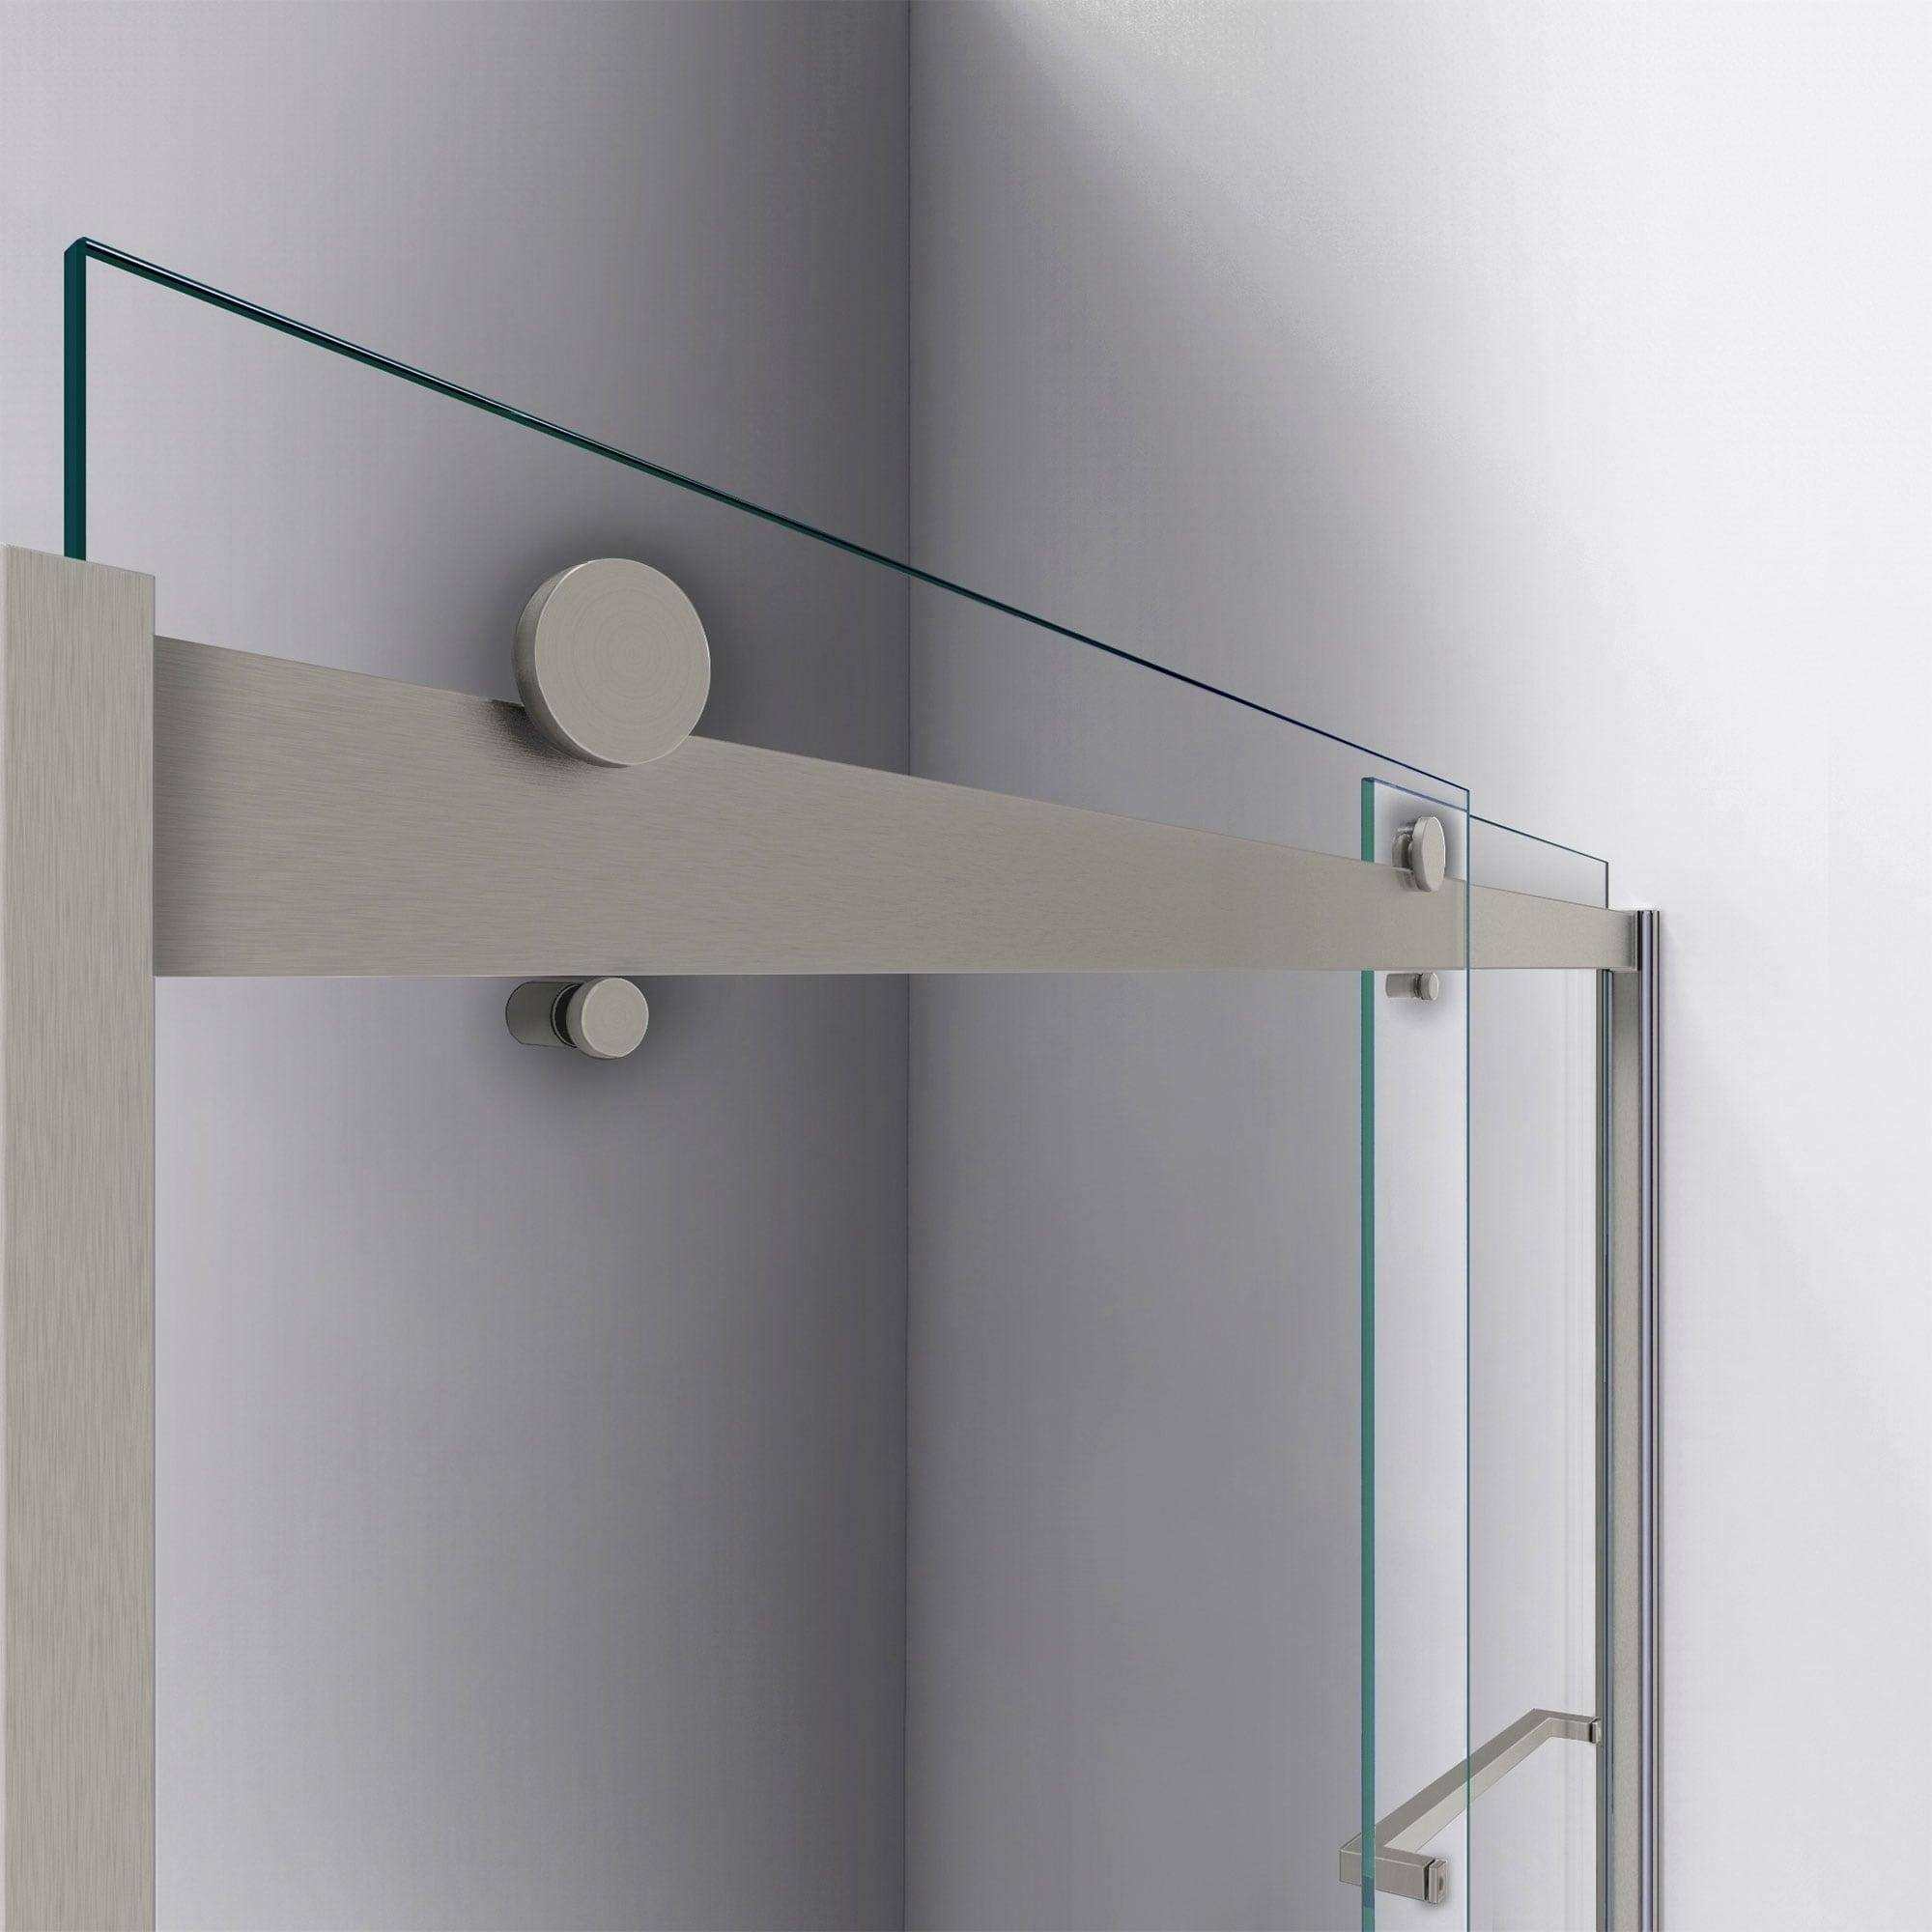 Dreamline Sapphire 56 60 In W X 76 In H Semi Frameless Bypass Shower Door 56 60 W